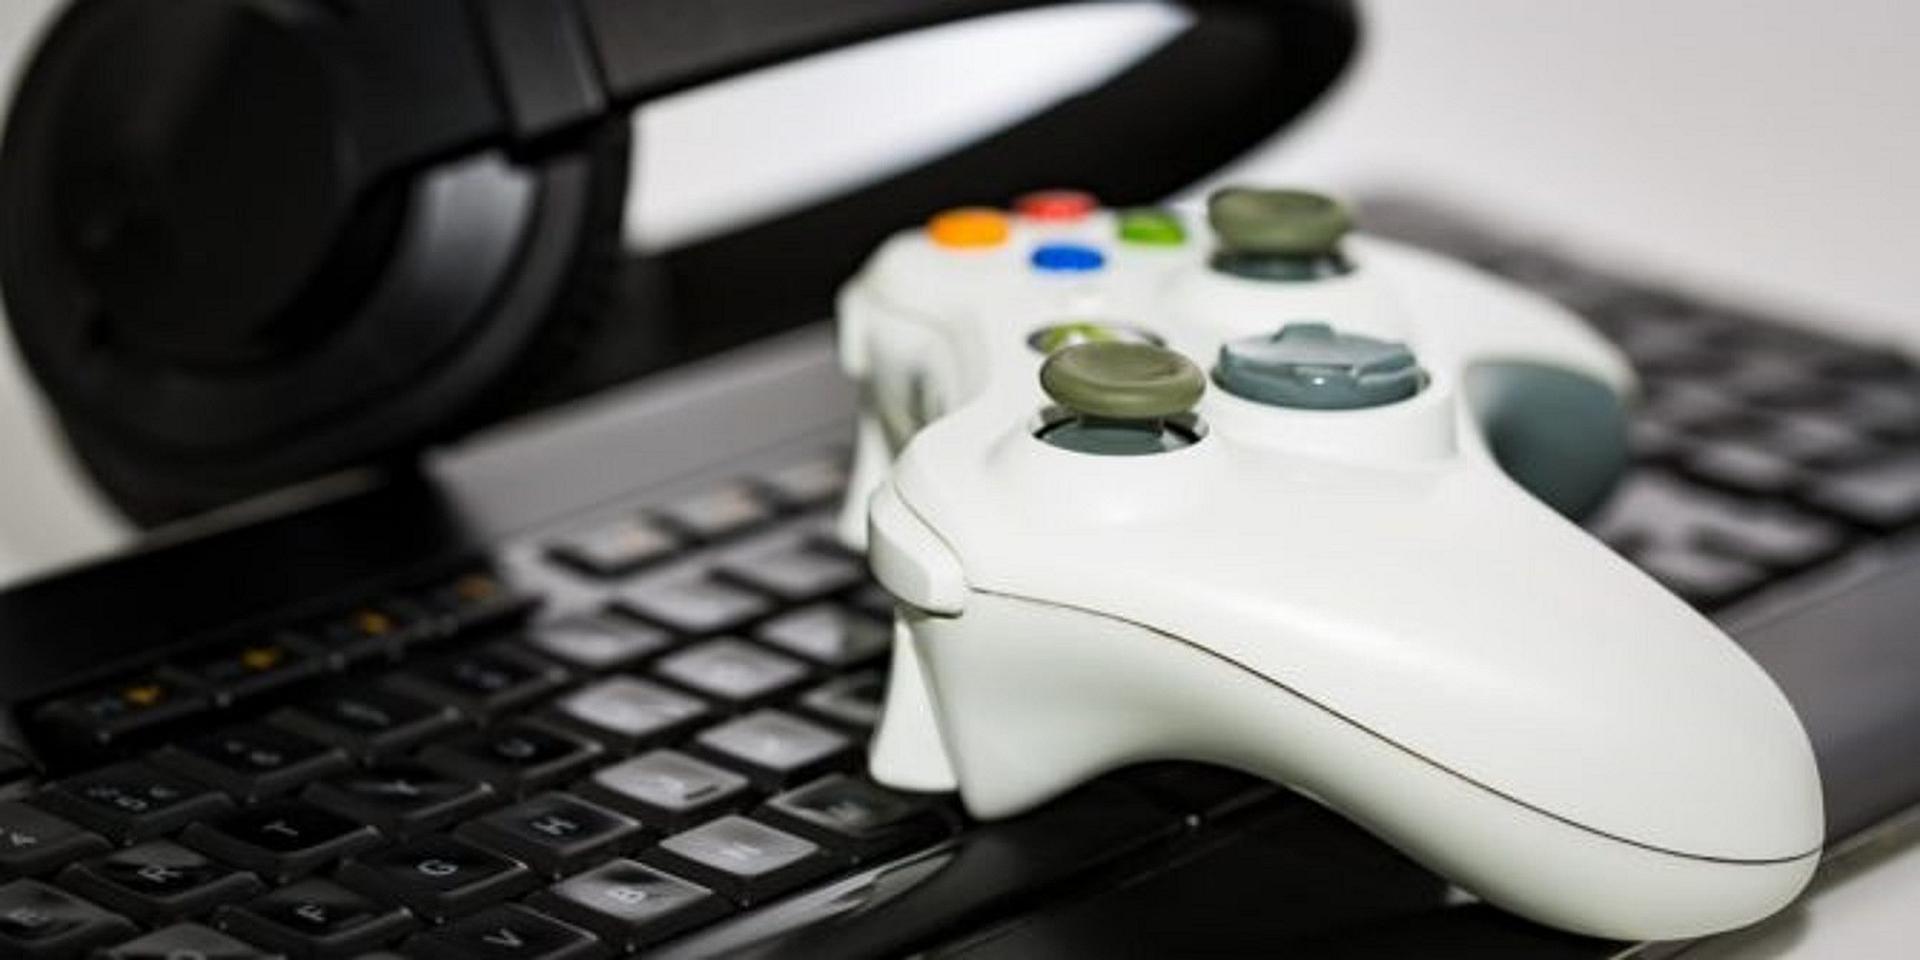 PC要完了?JPR研究表示2000万PC玩家或将转投主机